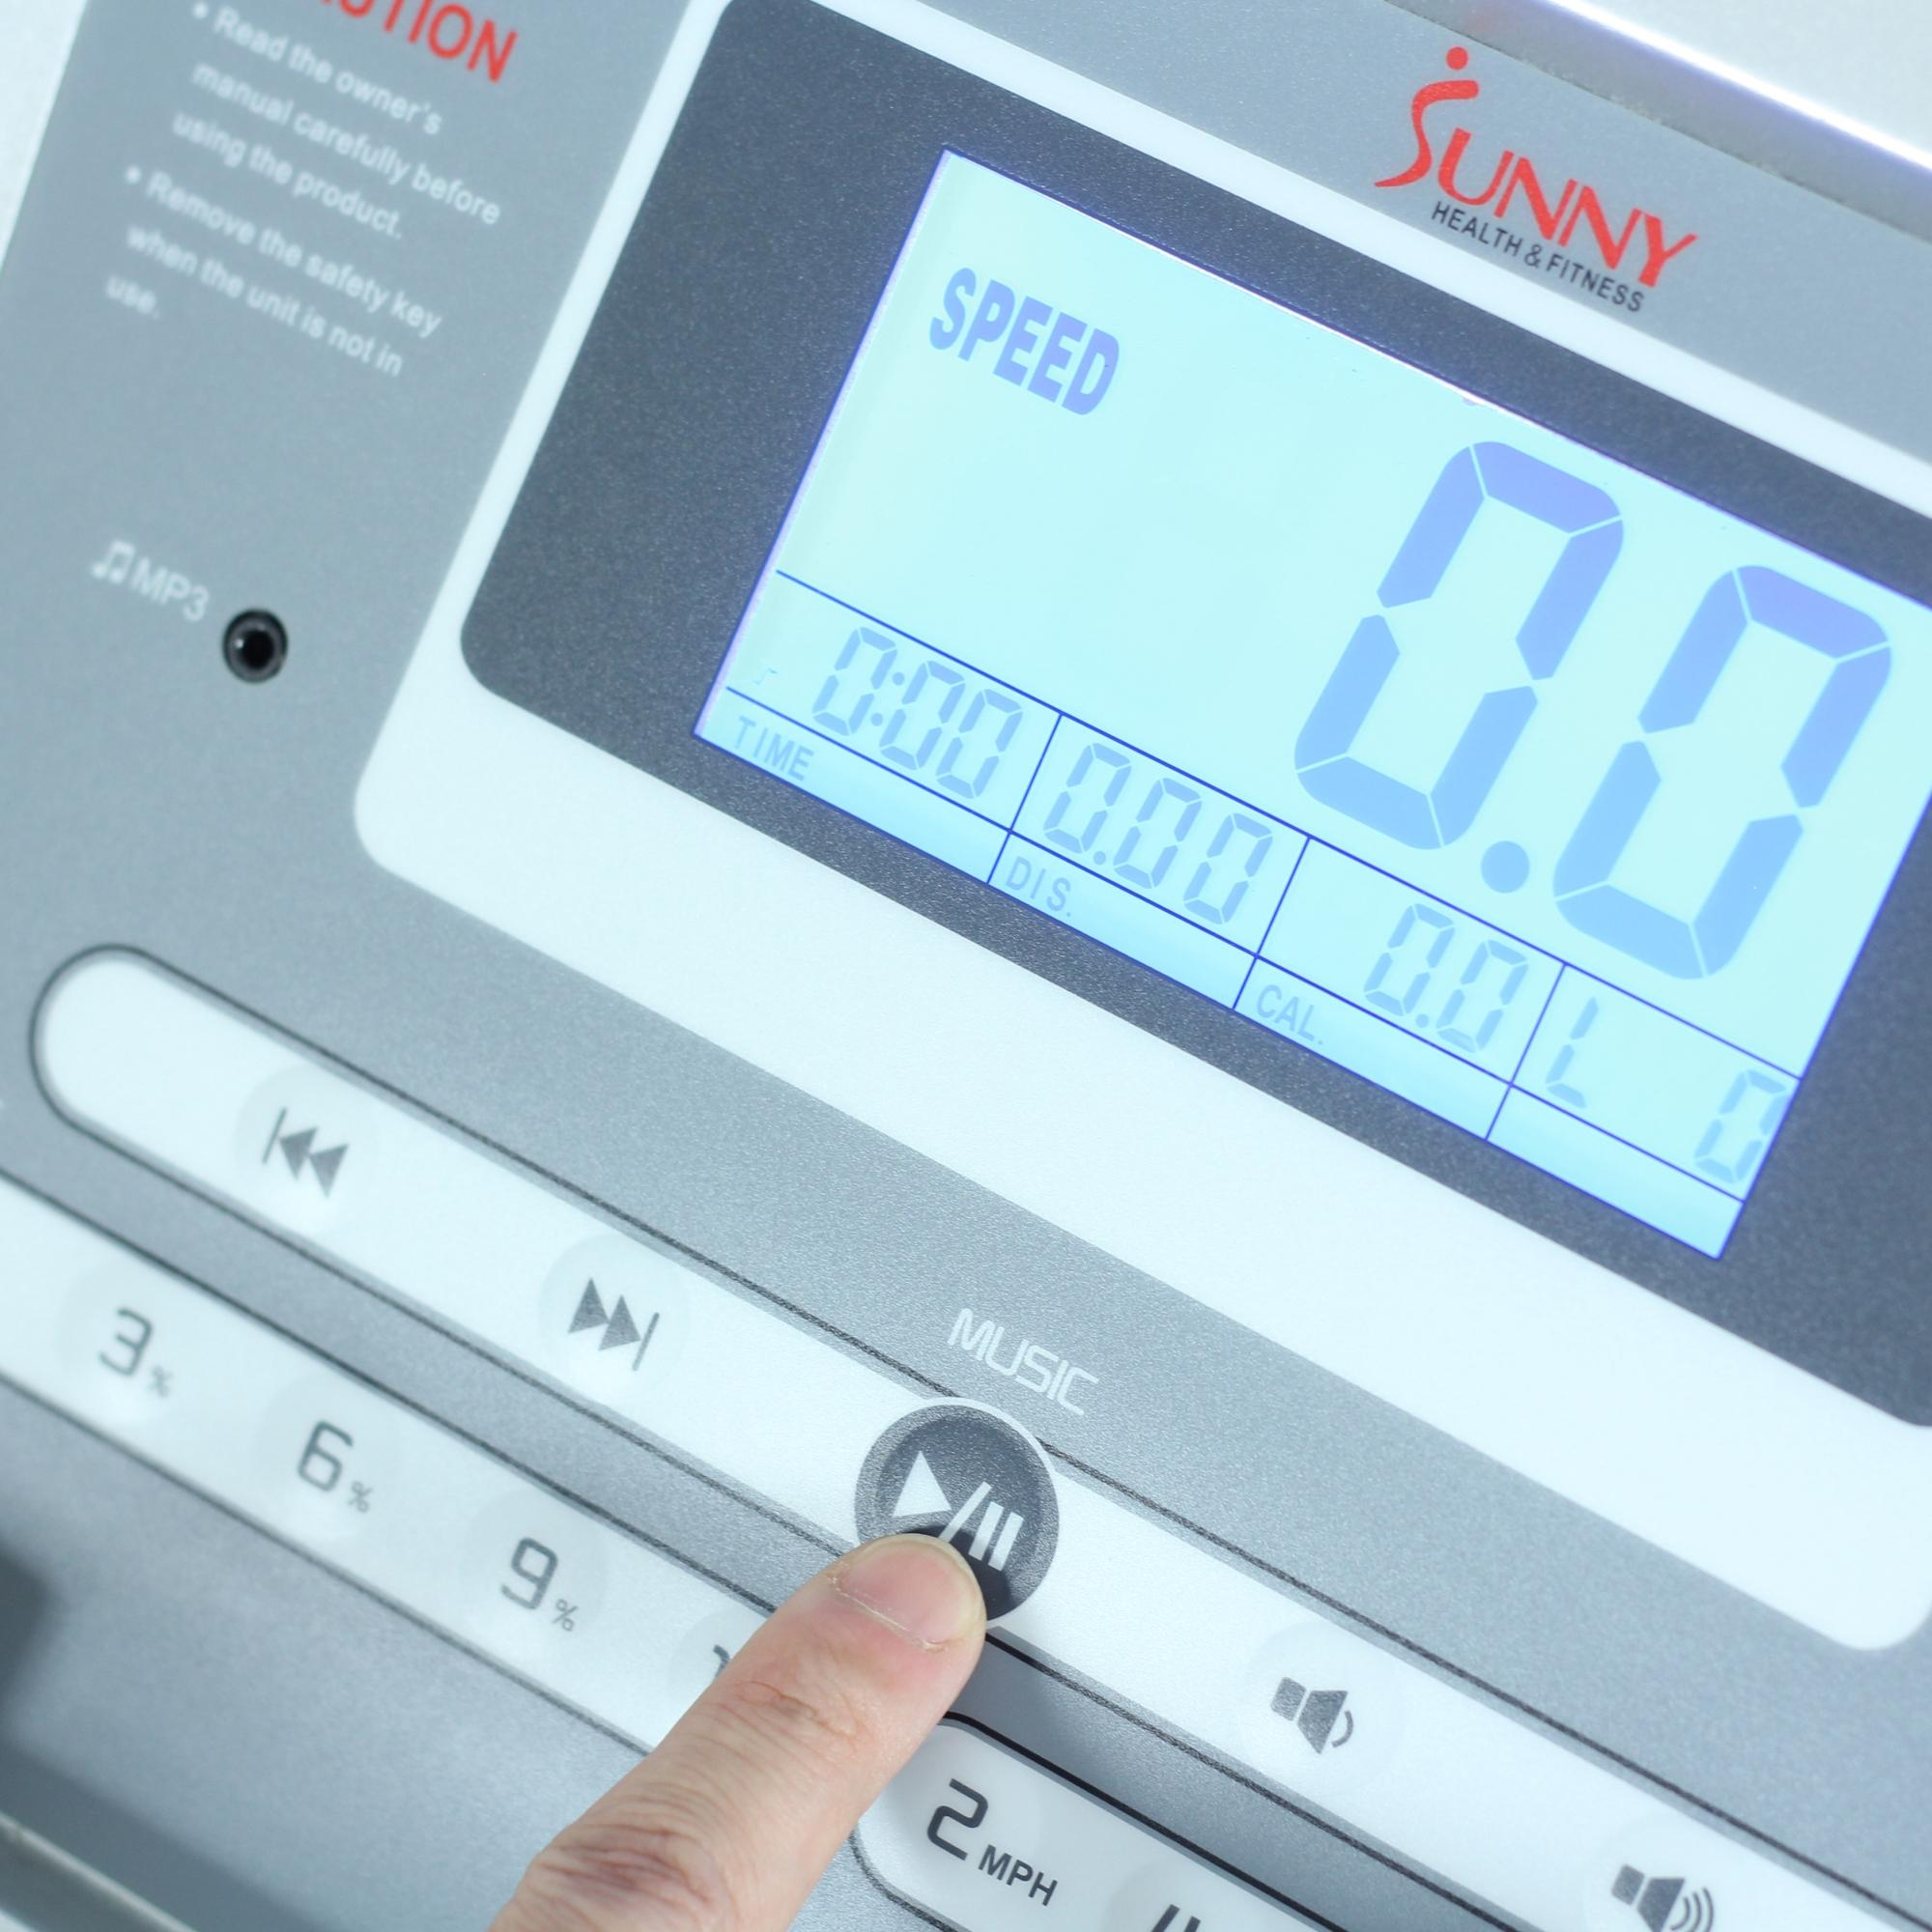 Life Fitness Treadmill Heart Rate Chart: Amazon.com : Sunny Health & Fitness SF-T7515 Smart